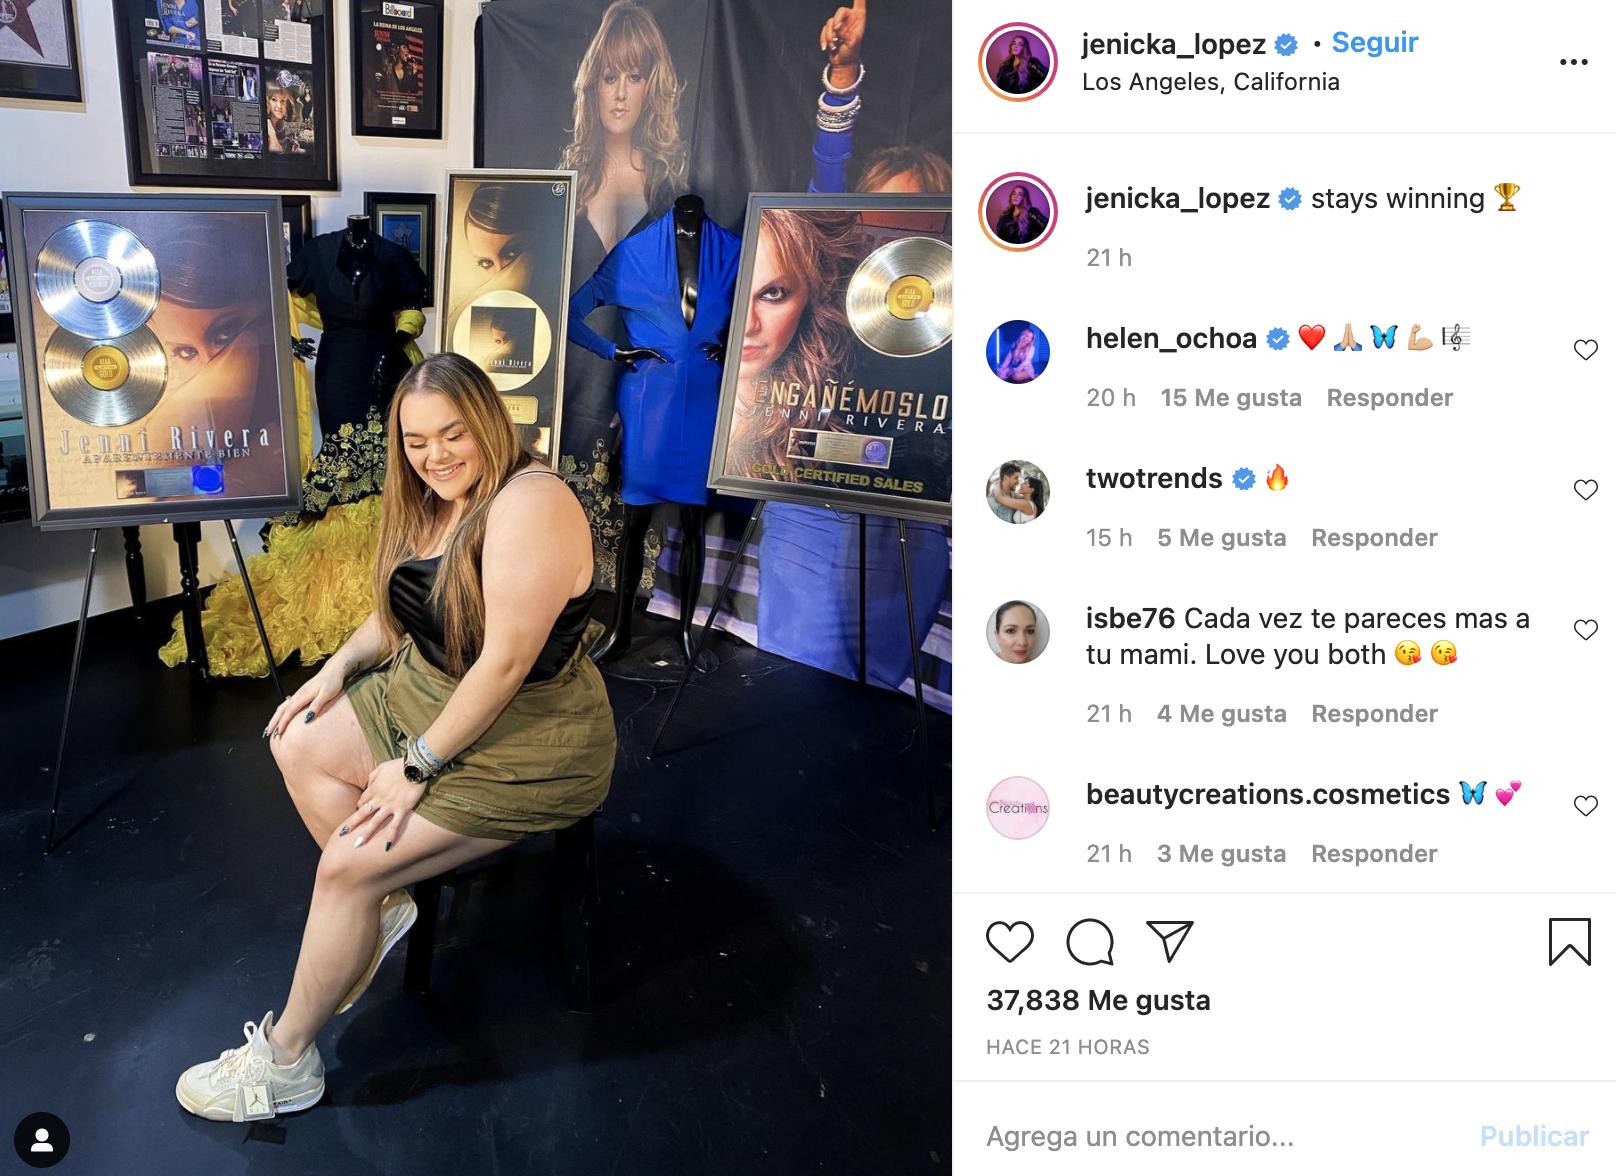 Jenicka López